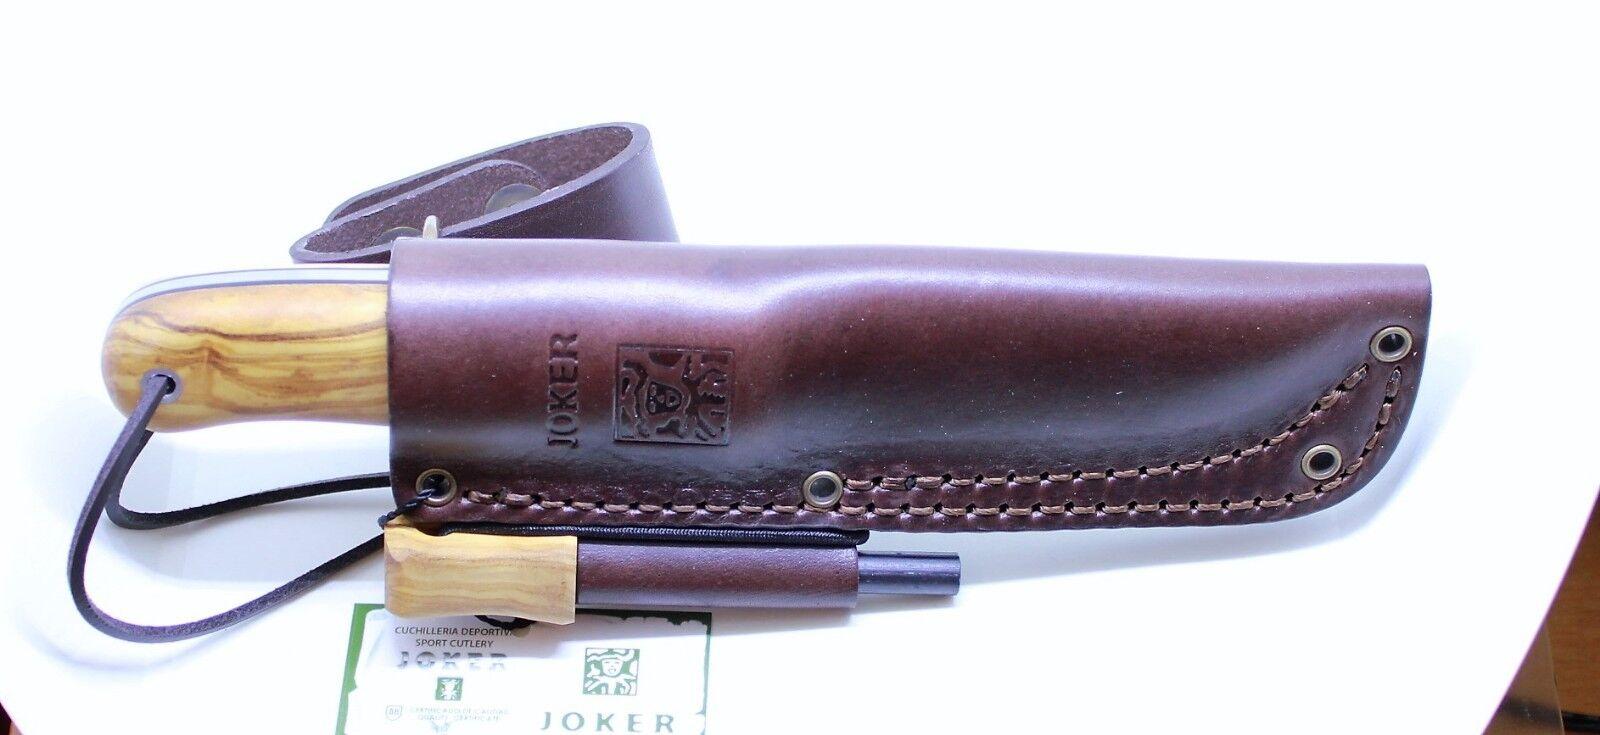 JOKER TRAMPERO CO113-P Olivenholz-Griff rostfrei Lederscheide Messer Jagdmesser  | Kostengünstiger